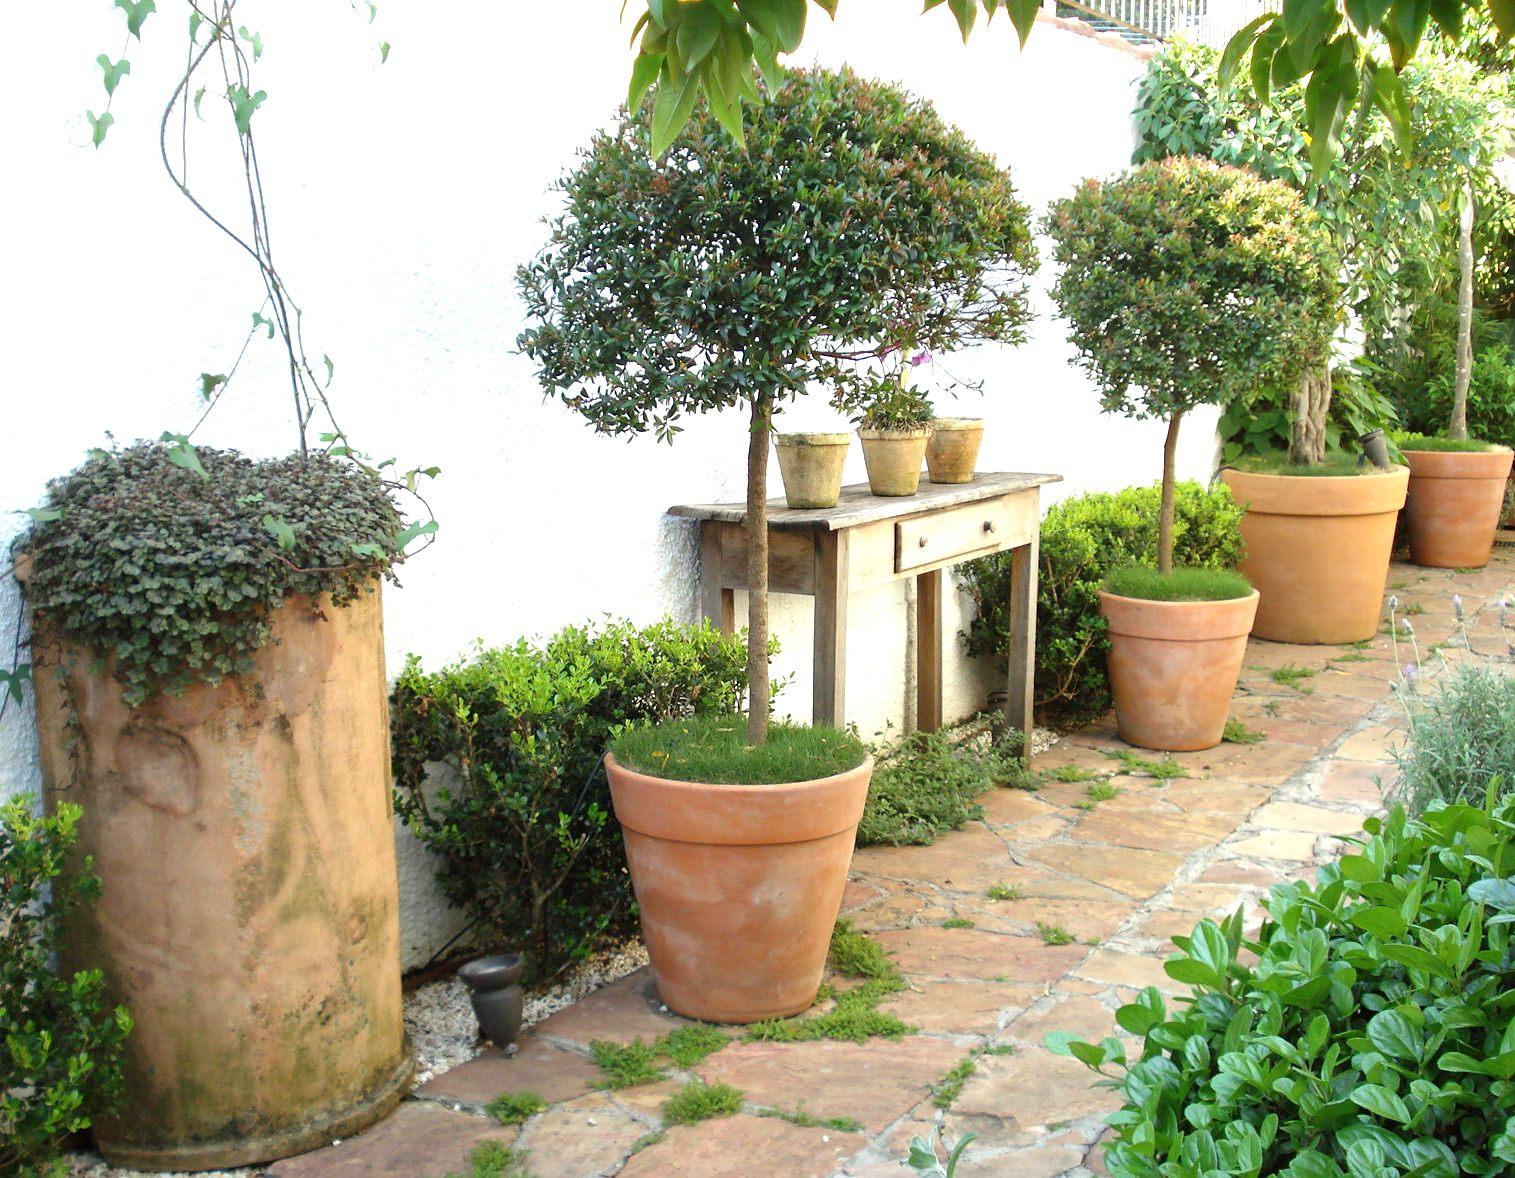 como cultivar plantas ornamentais : plantas ornamentais para vasos